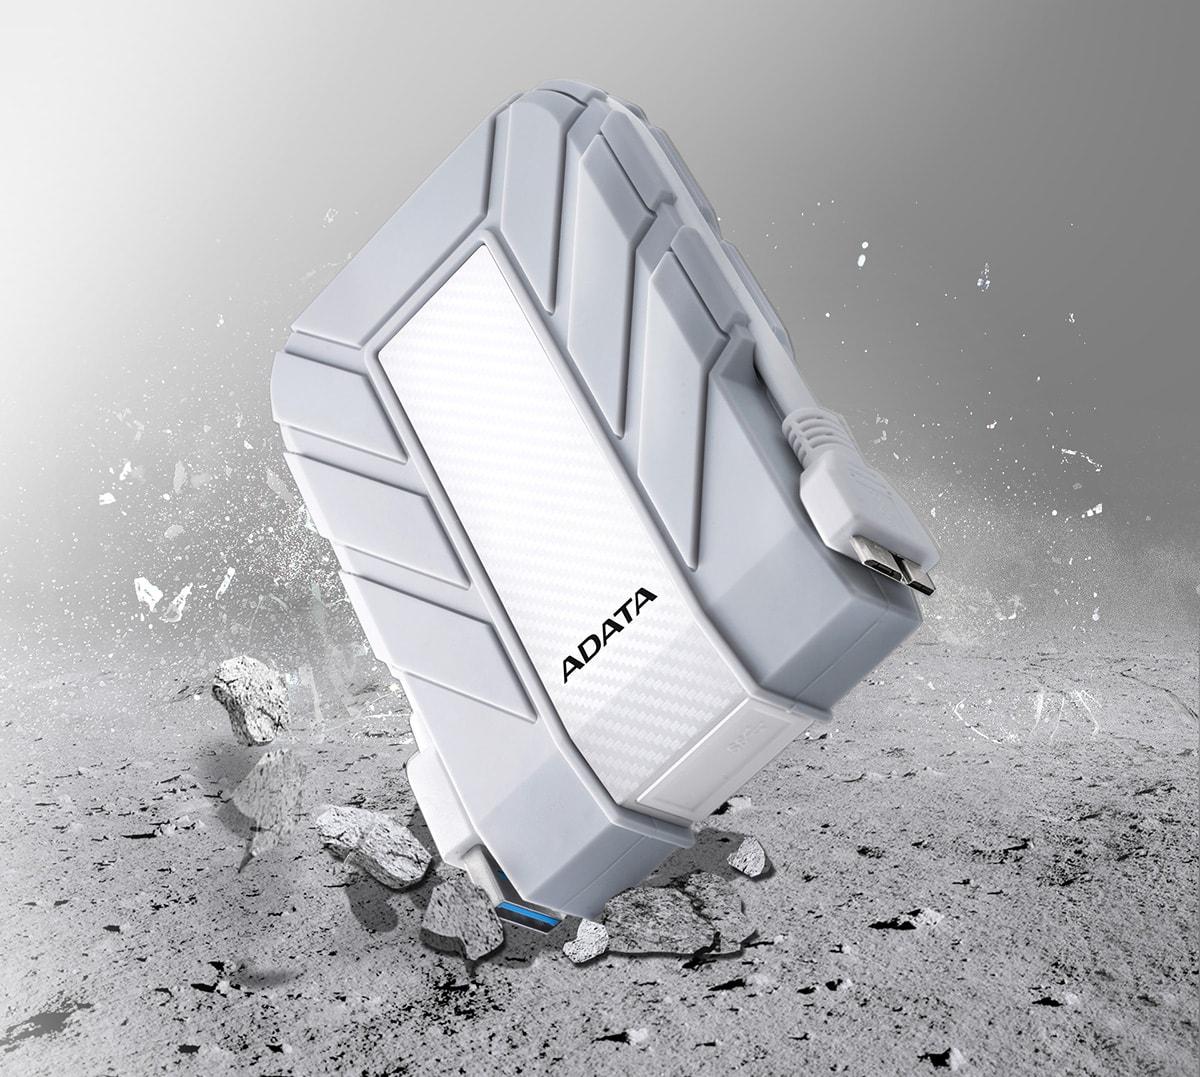 هارددیسک مخصوص اپل ضدآب، ضدضربه و ضدغبار HD710A Pro ایدیتا